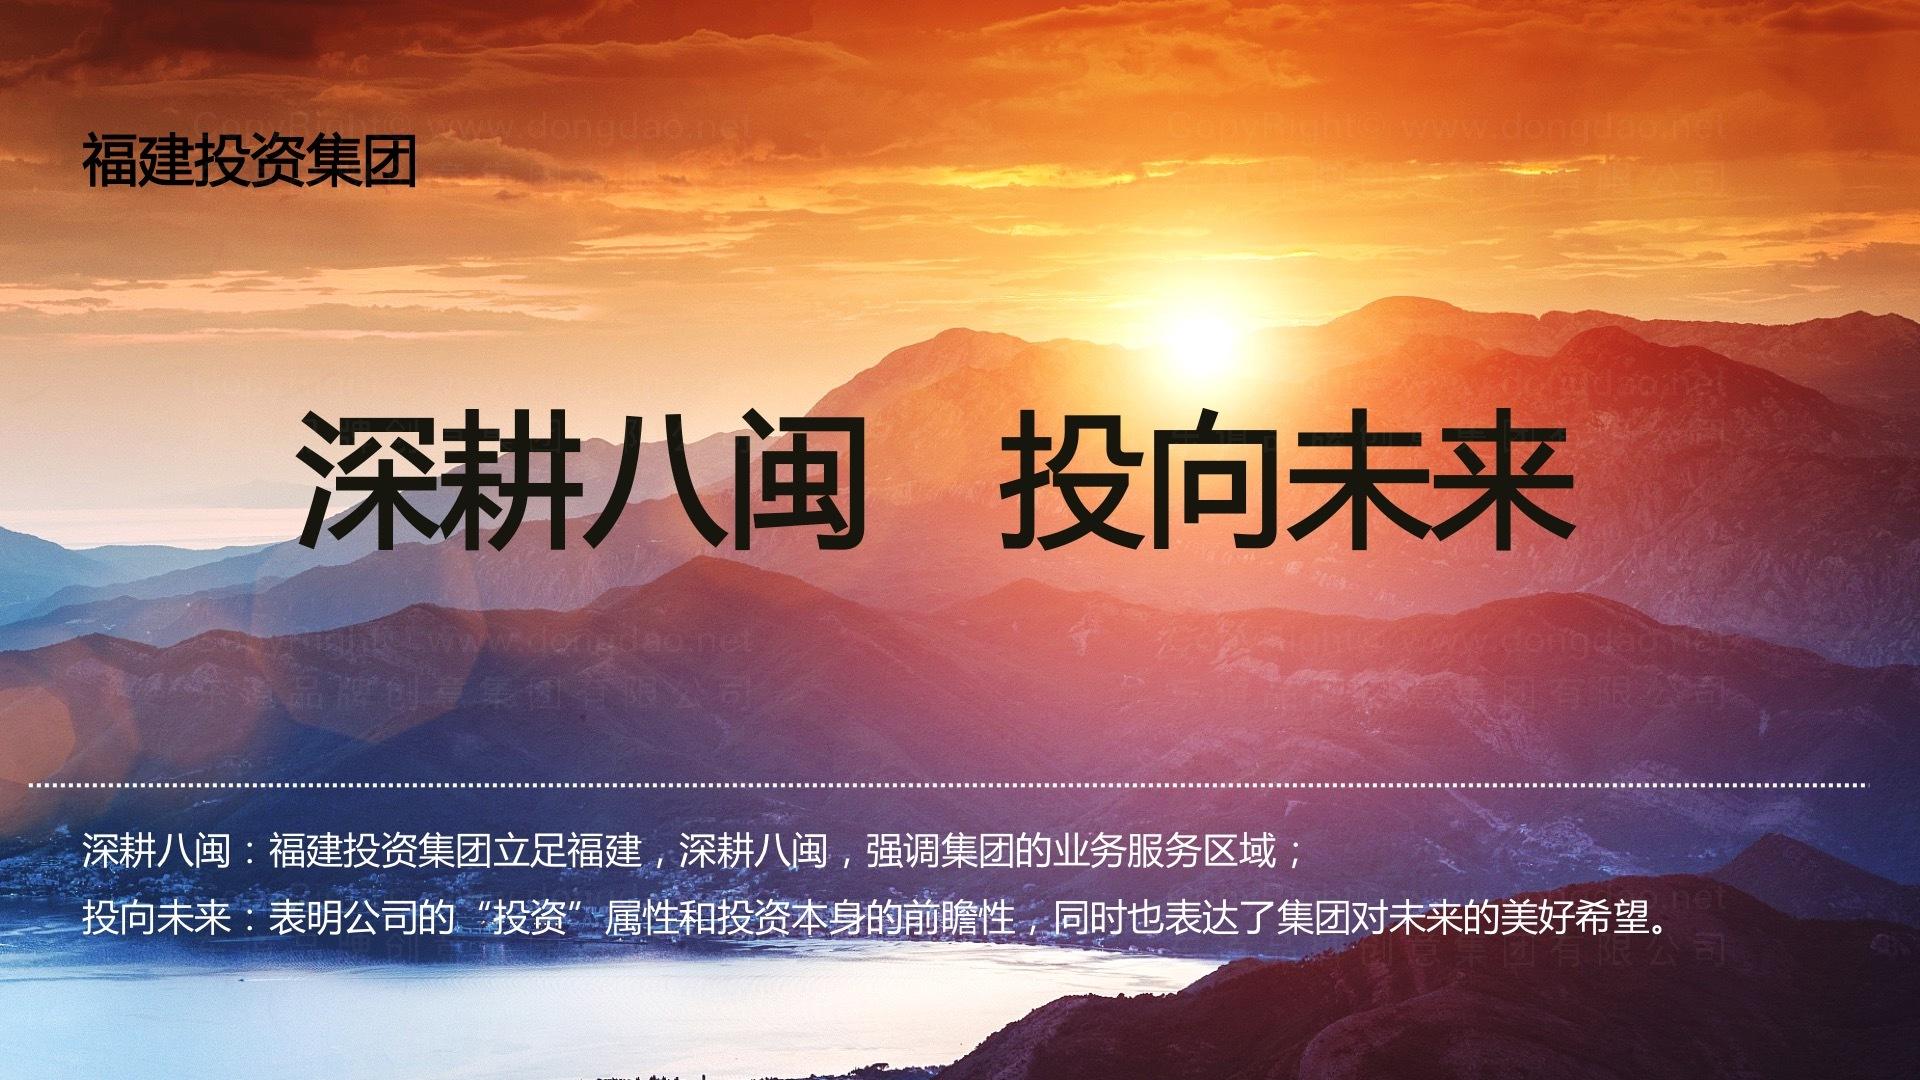 品牌战略&企业文化福建投资集团福建投资集团品牌战略应用场景_2